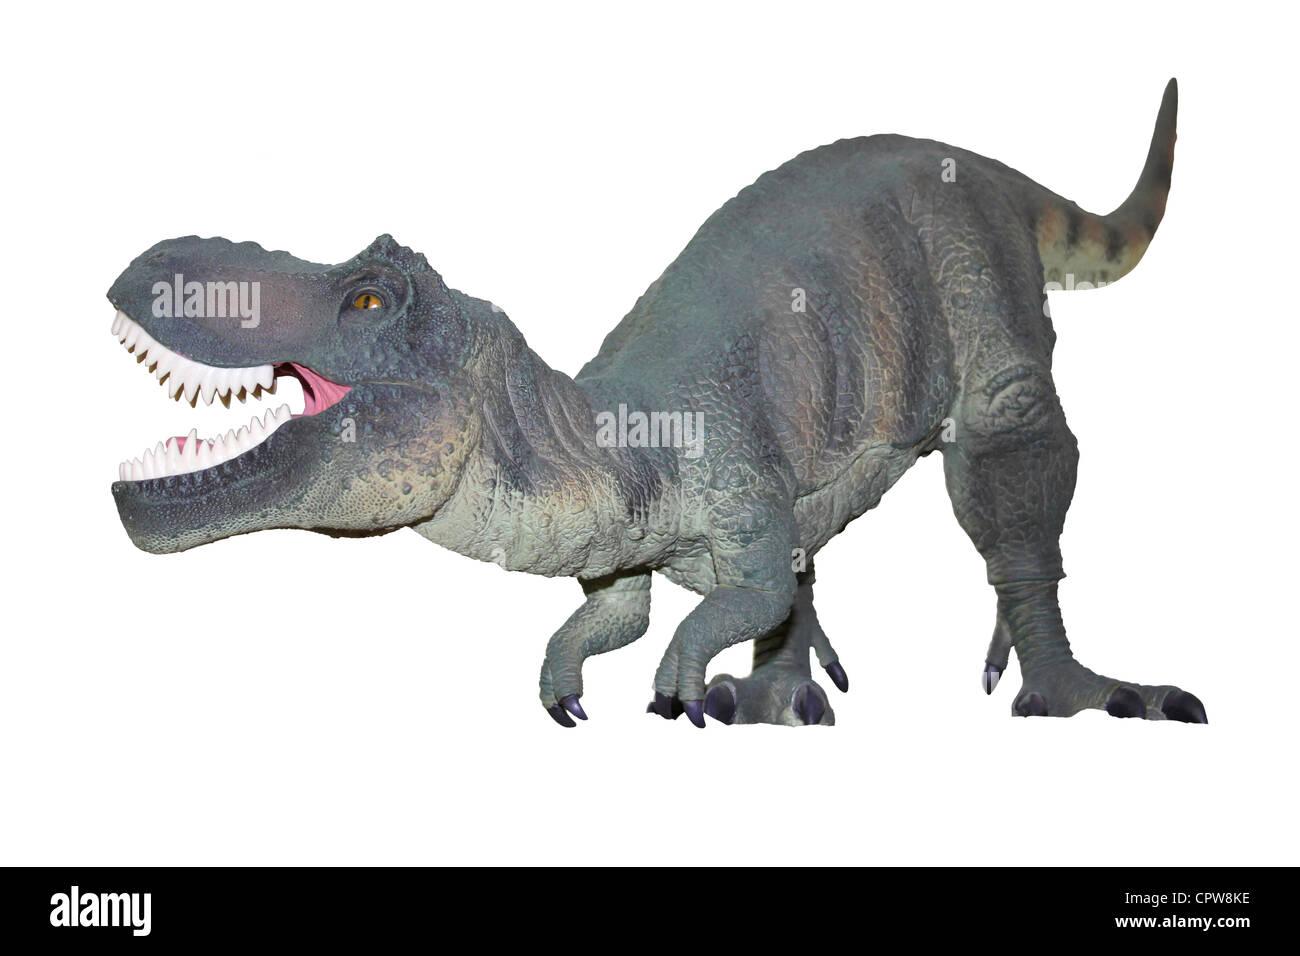 Toy Dinosaur Tyrannosaurus Rex Stock Photo